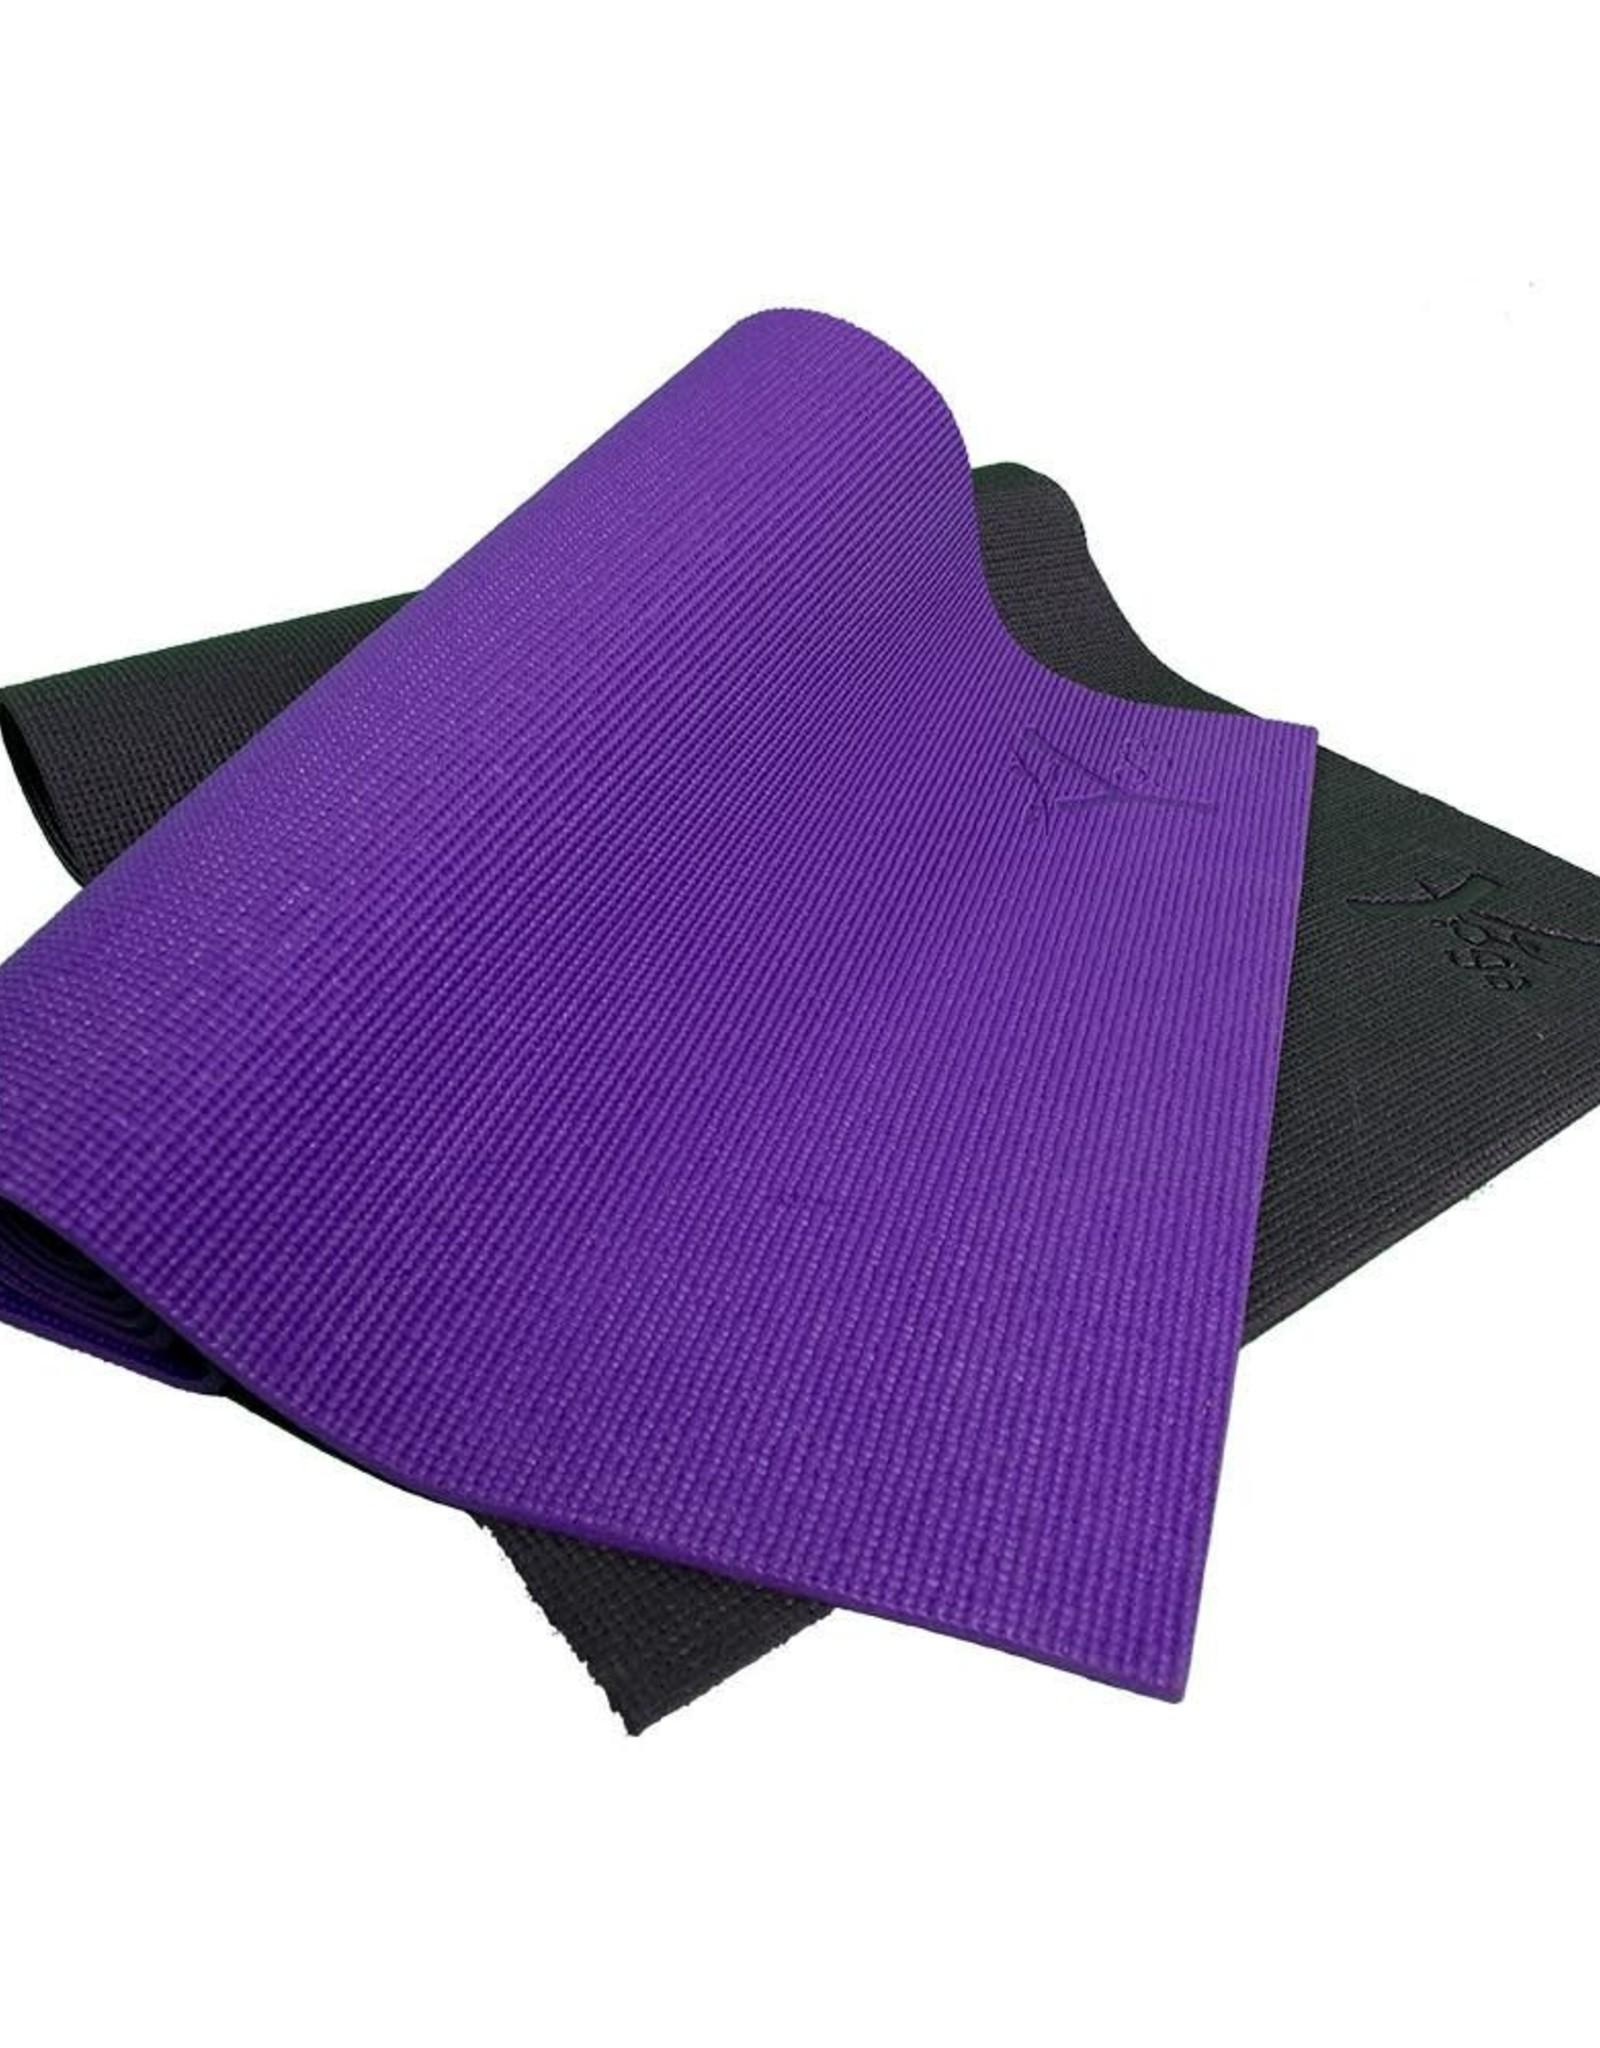 Tapis Yoga 6mm épaisseur (24''x68'')